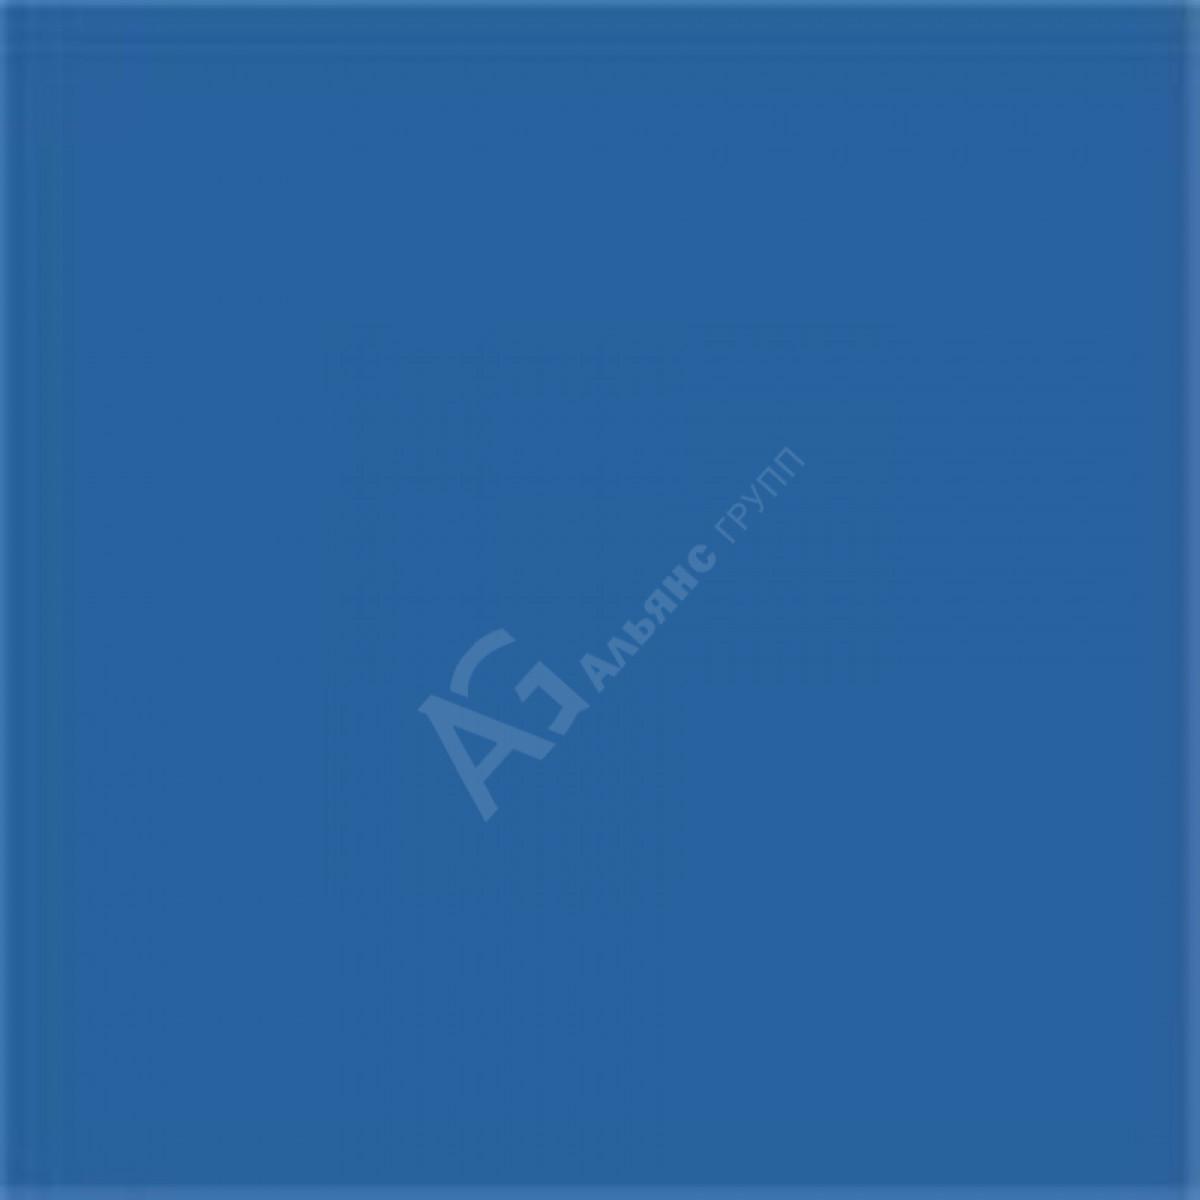 Порошковая краска RAL 5017 (Транспортный-синий) полиэфирная глянцевая/25кг